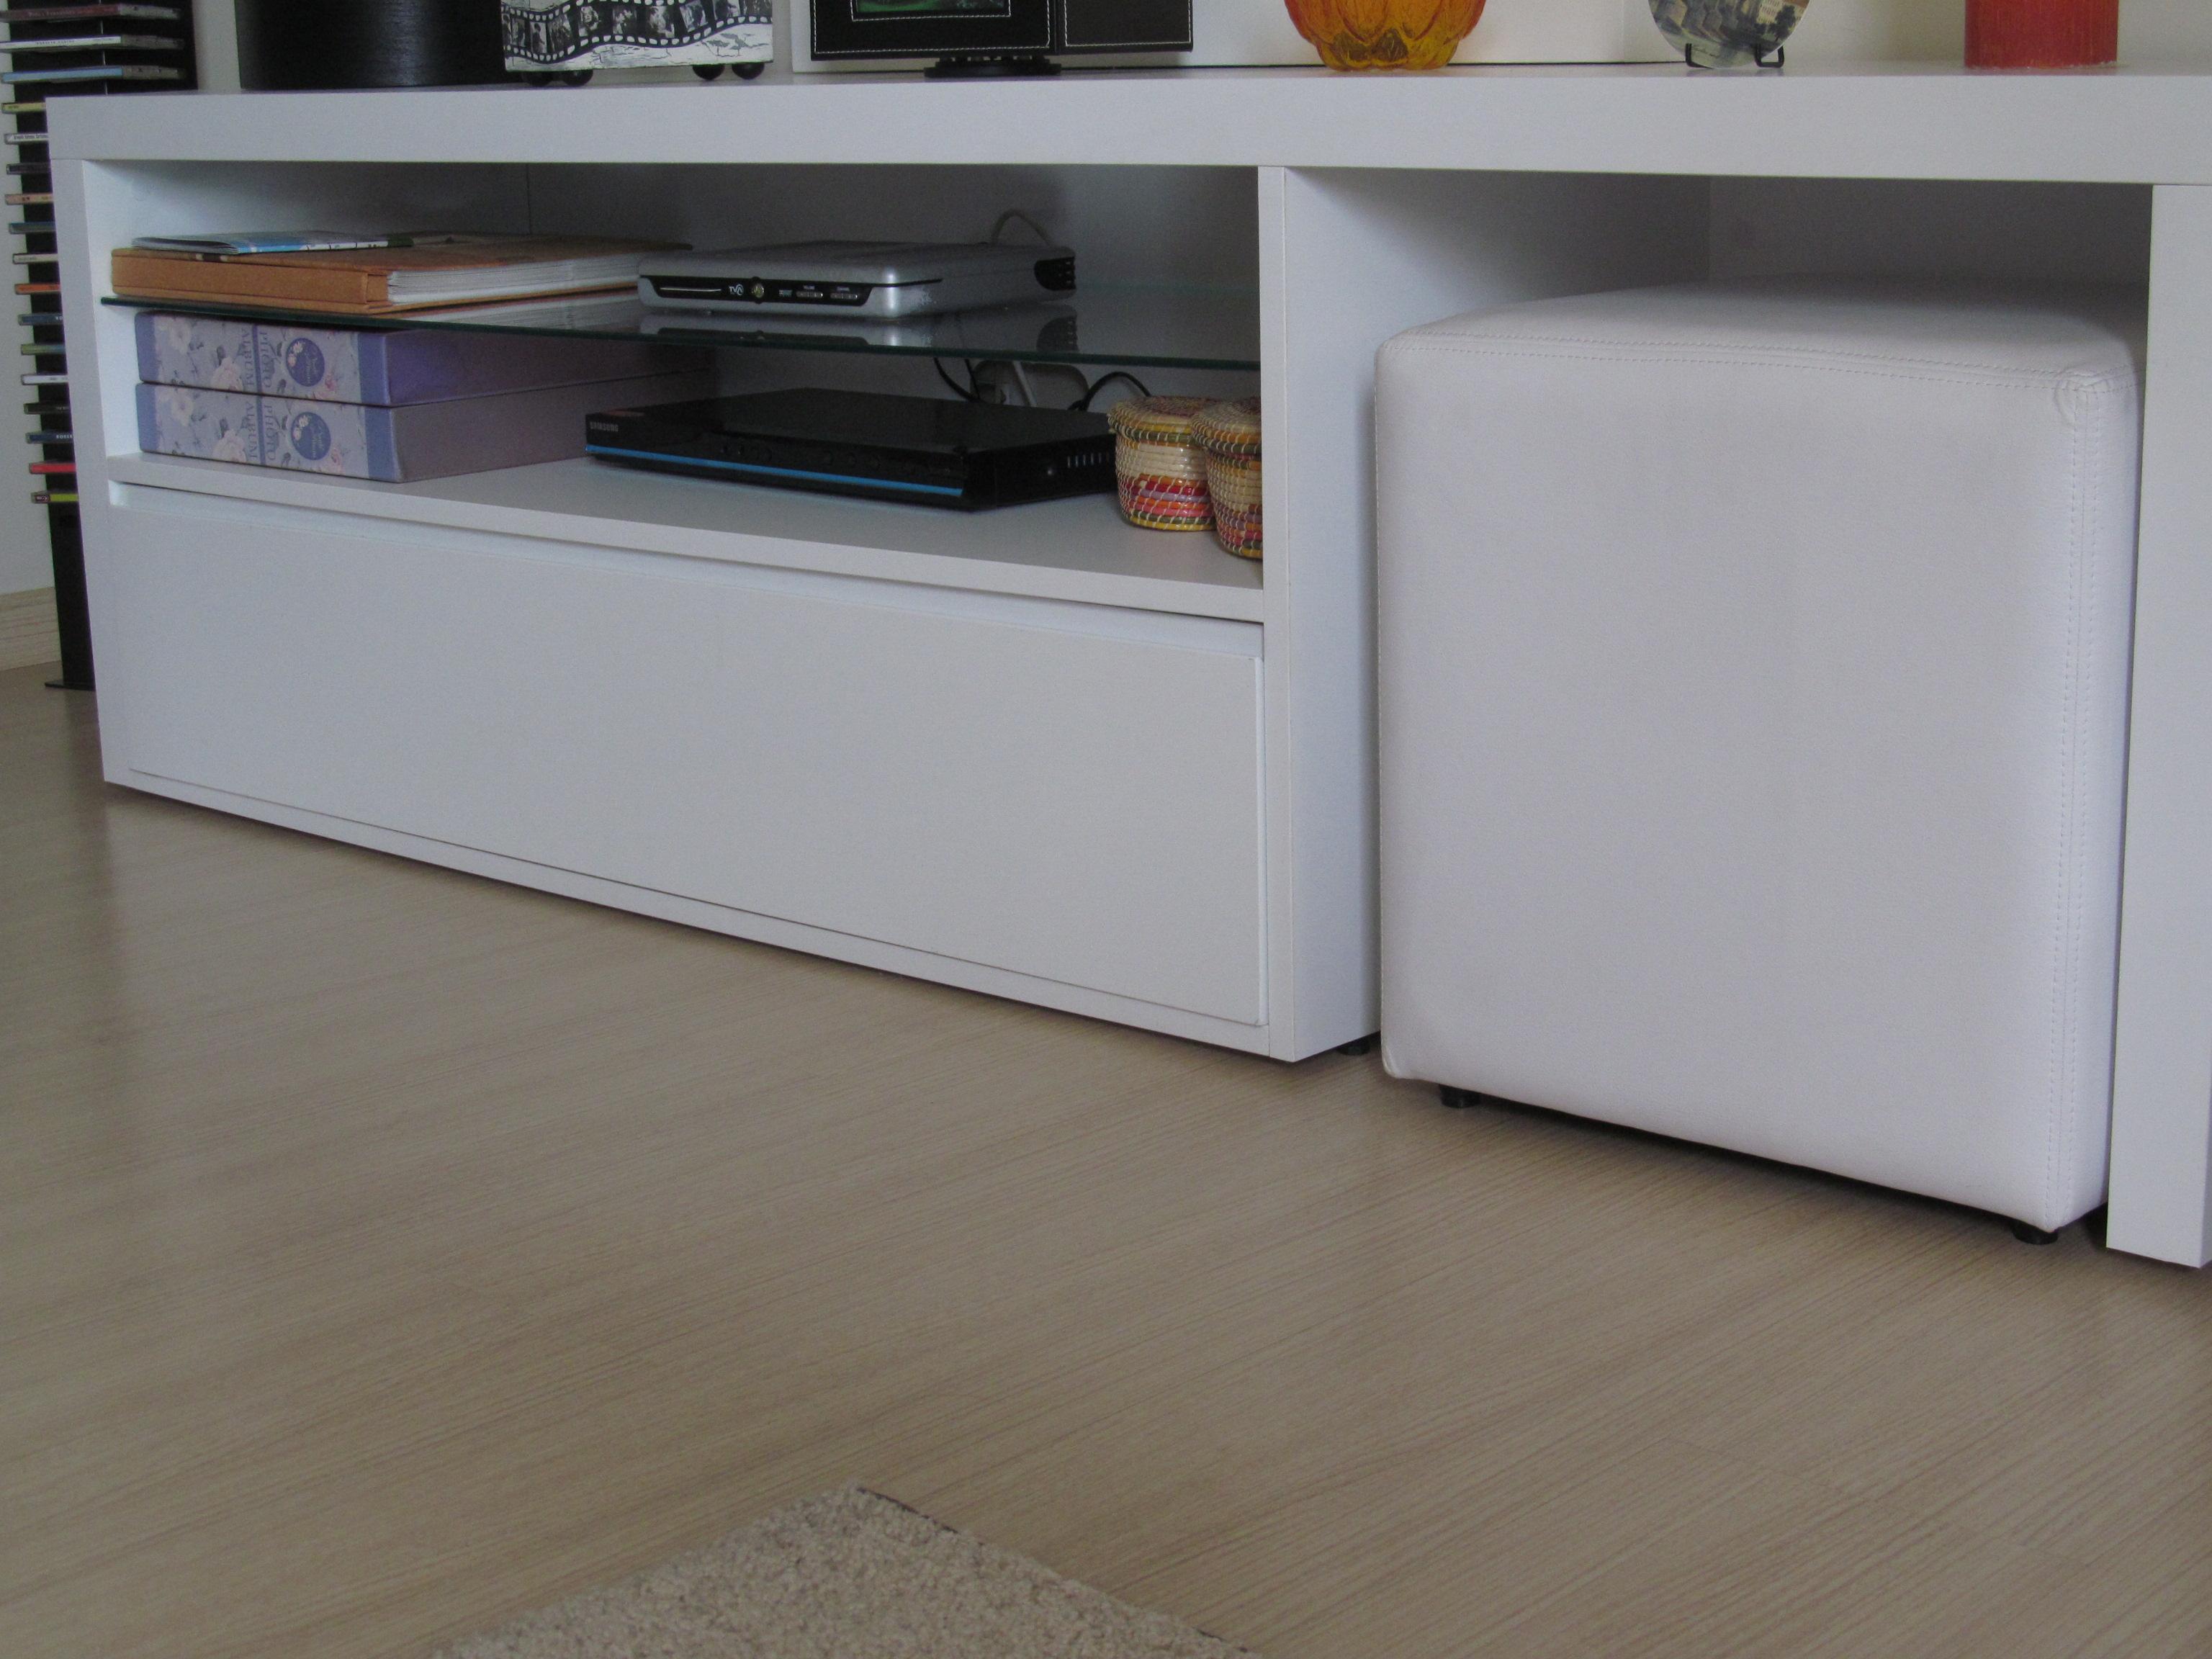 Objetos de desejo Rack para Sala a saga do apartamento ~ Rack Quarto Branco